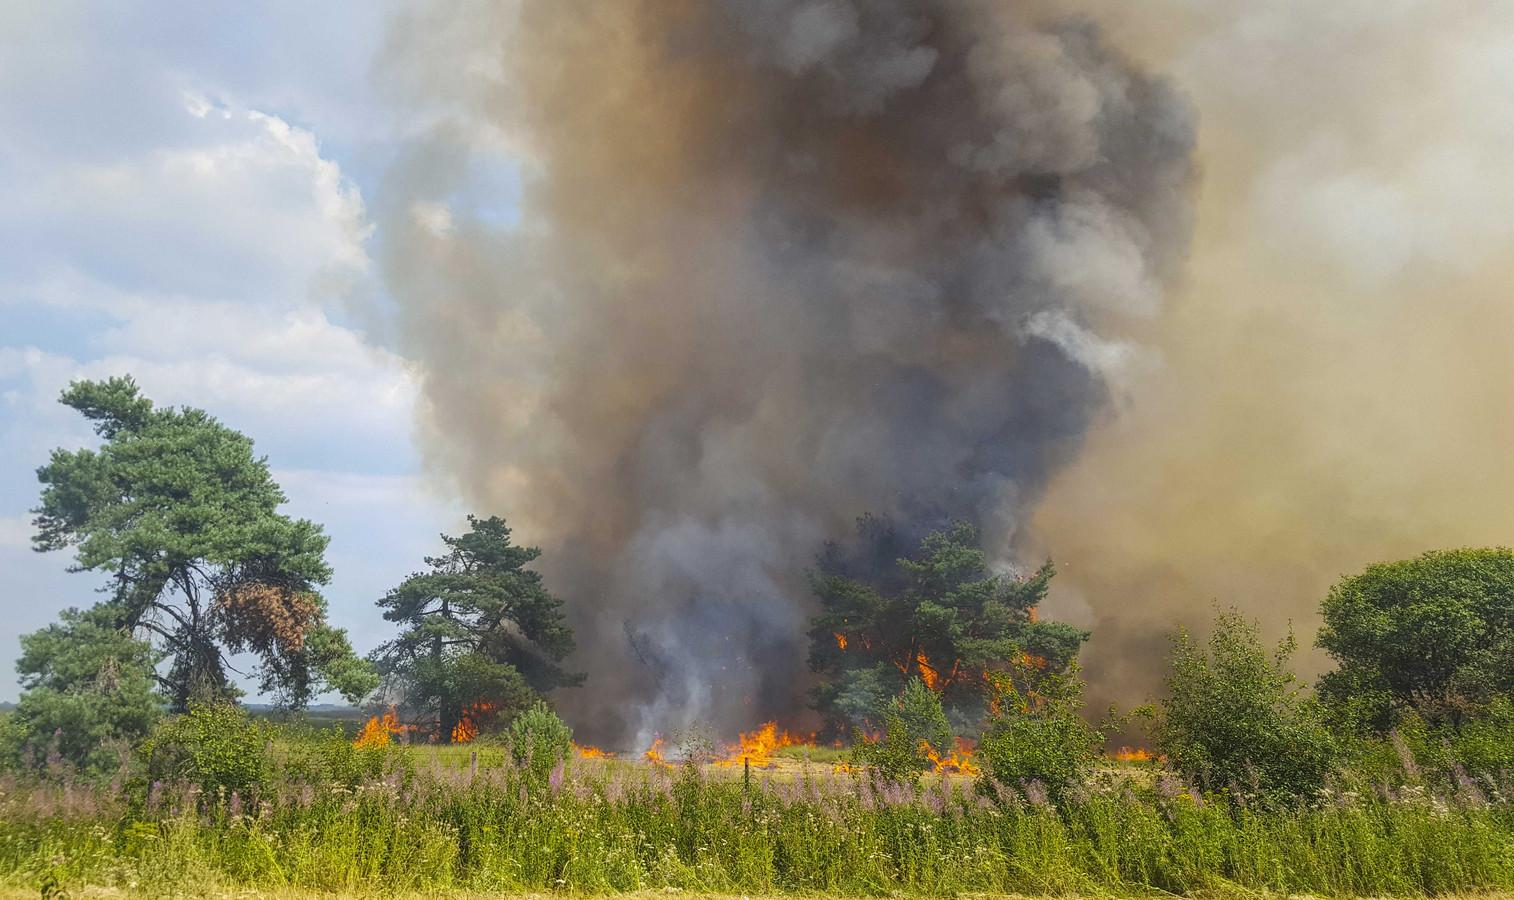 De natuurbrand bij De Hoge Veluwe, afgelopen dinsdag.